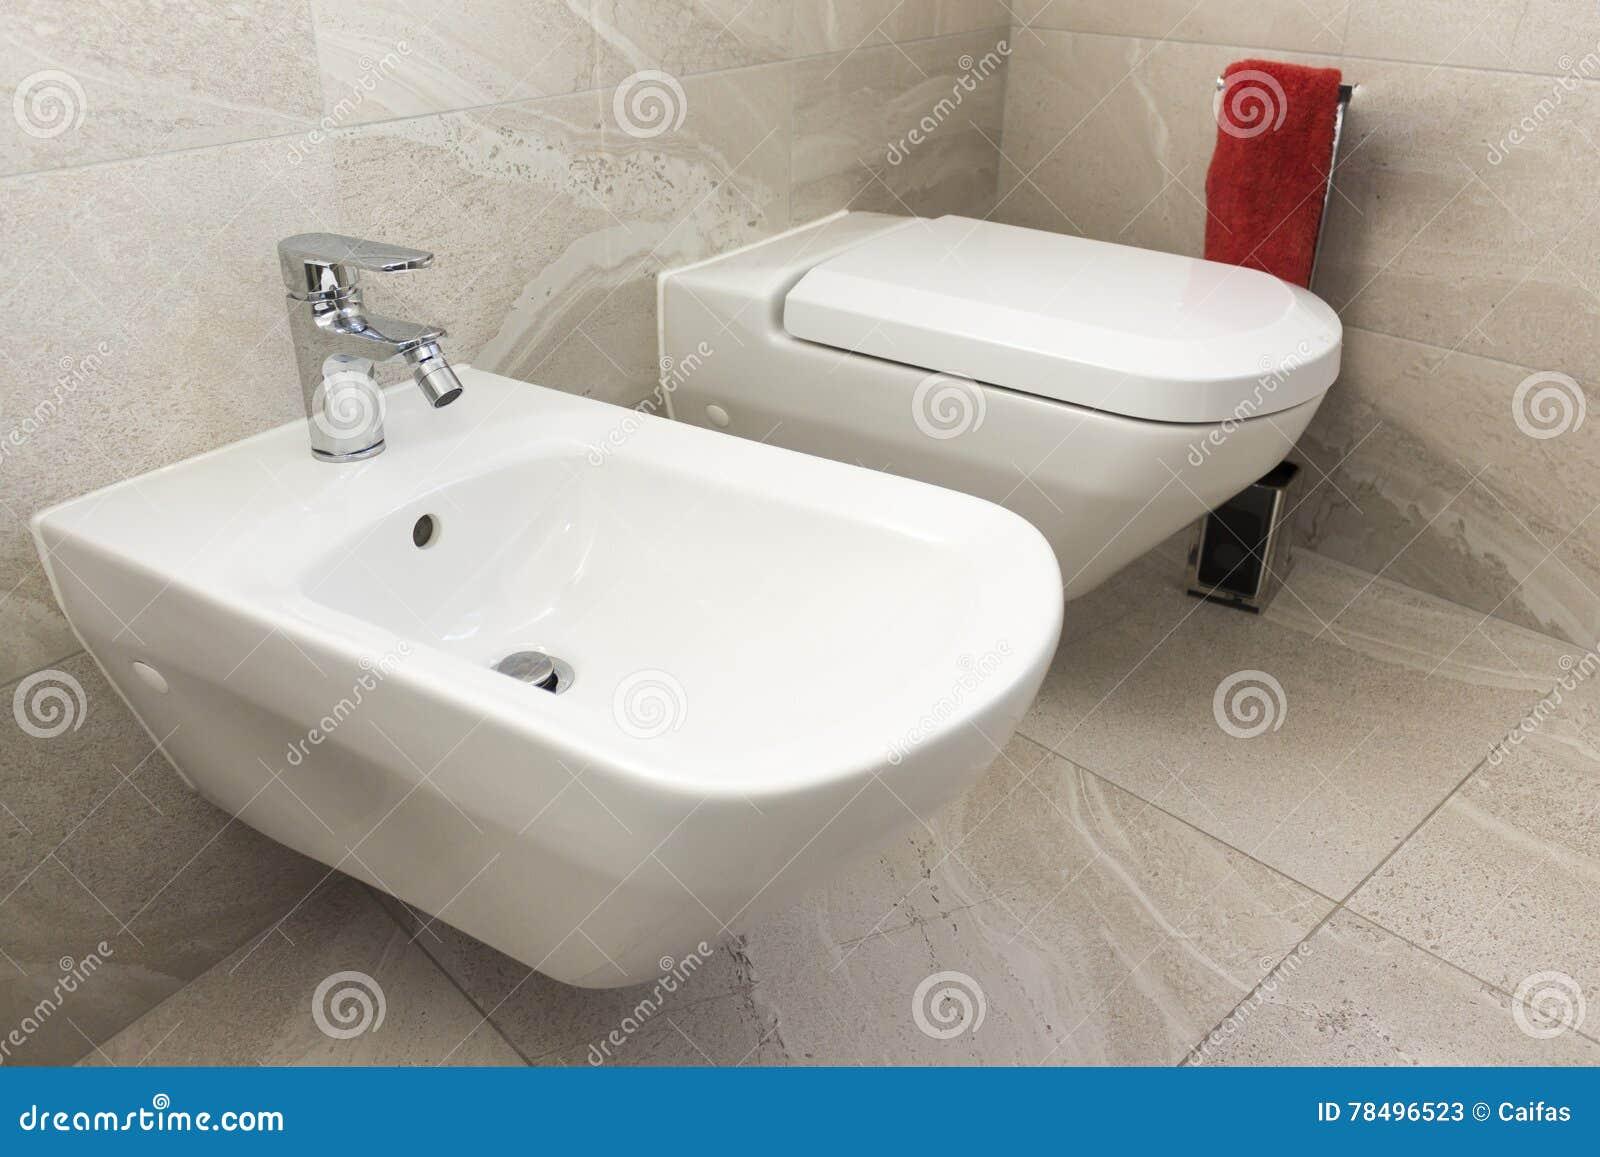 Bidet e wc nel bagno fotografia stock immagine 78496523 - Spiata nel bagno ...